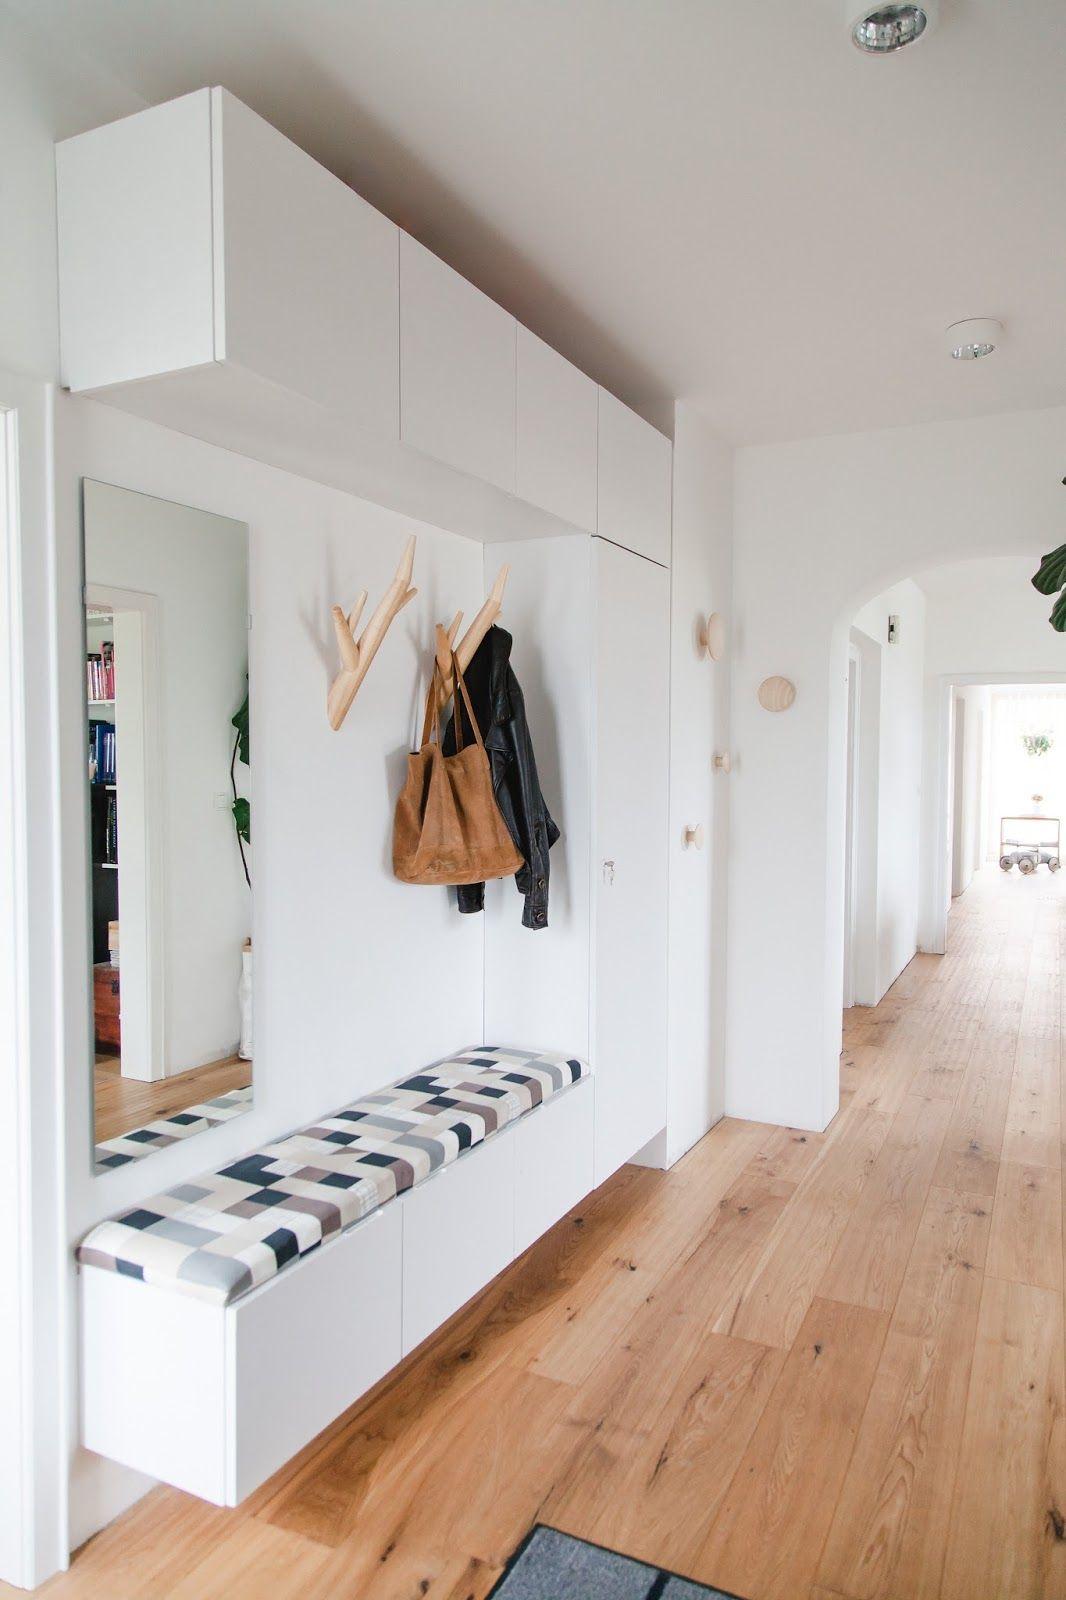 Beau Meuble Pour L Entr E De La Maison Ou De L Appartement